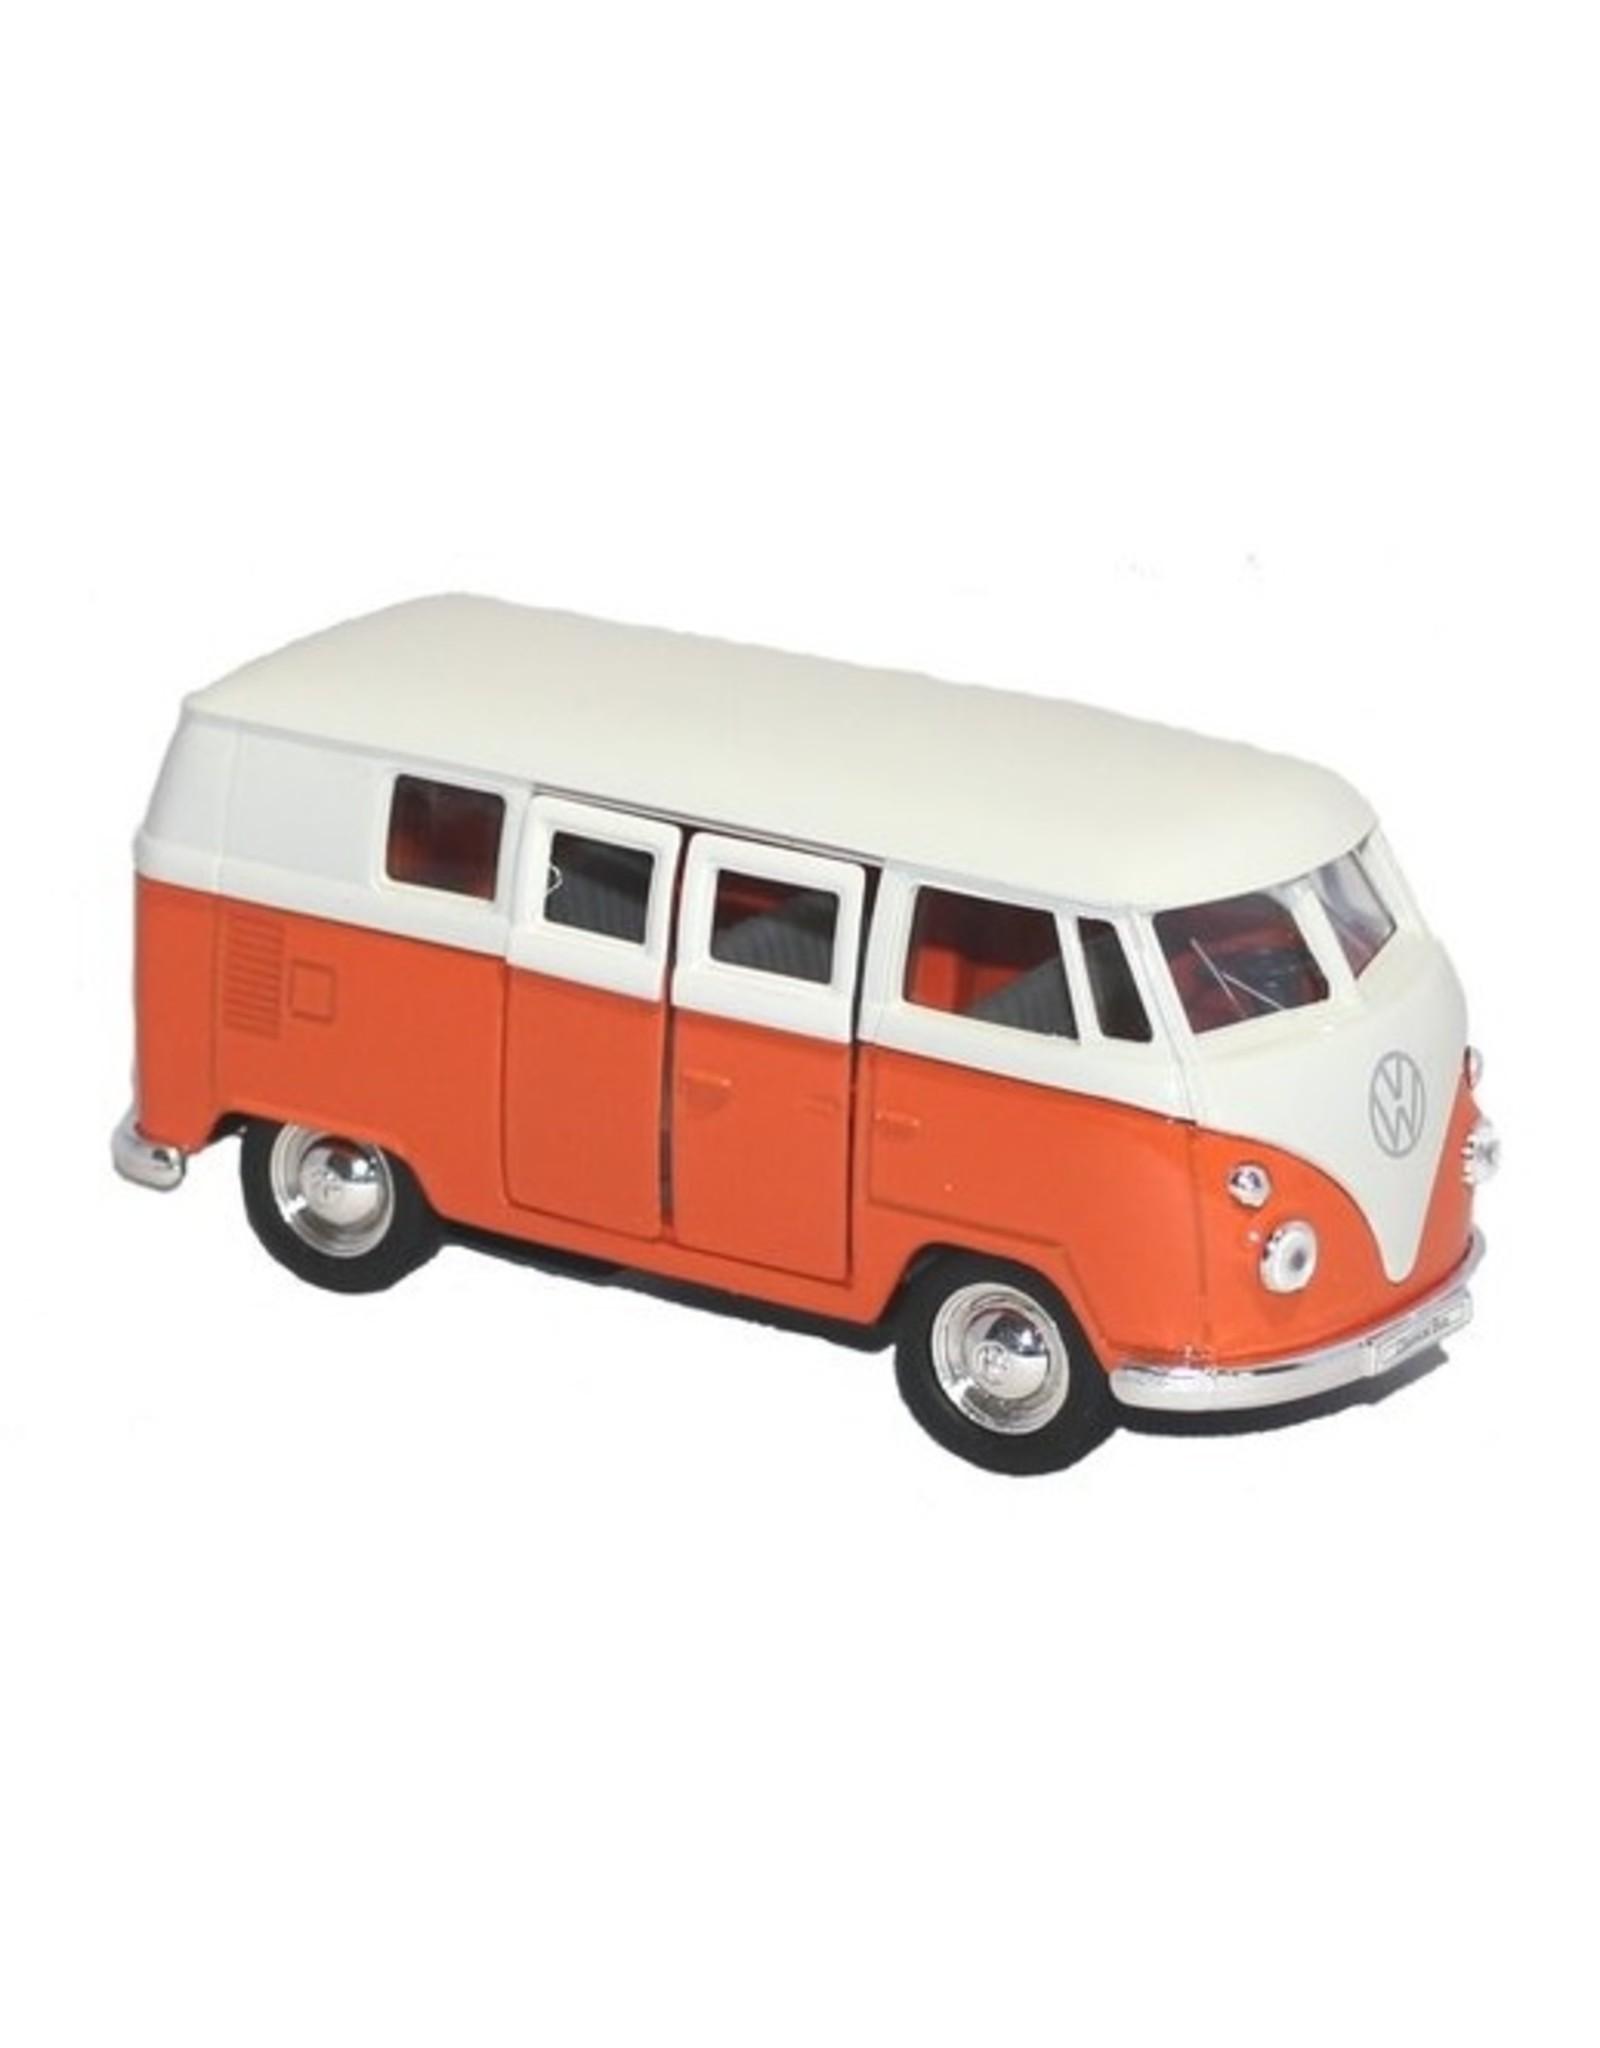 Volkswagen 1962 Van  (1:32) - orange